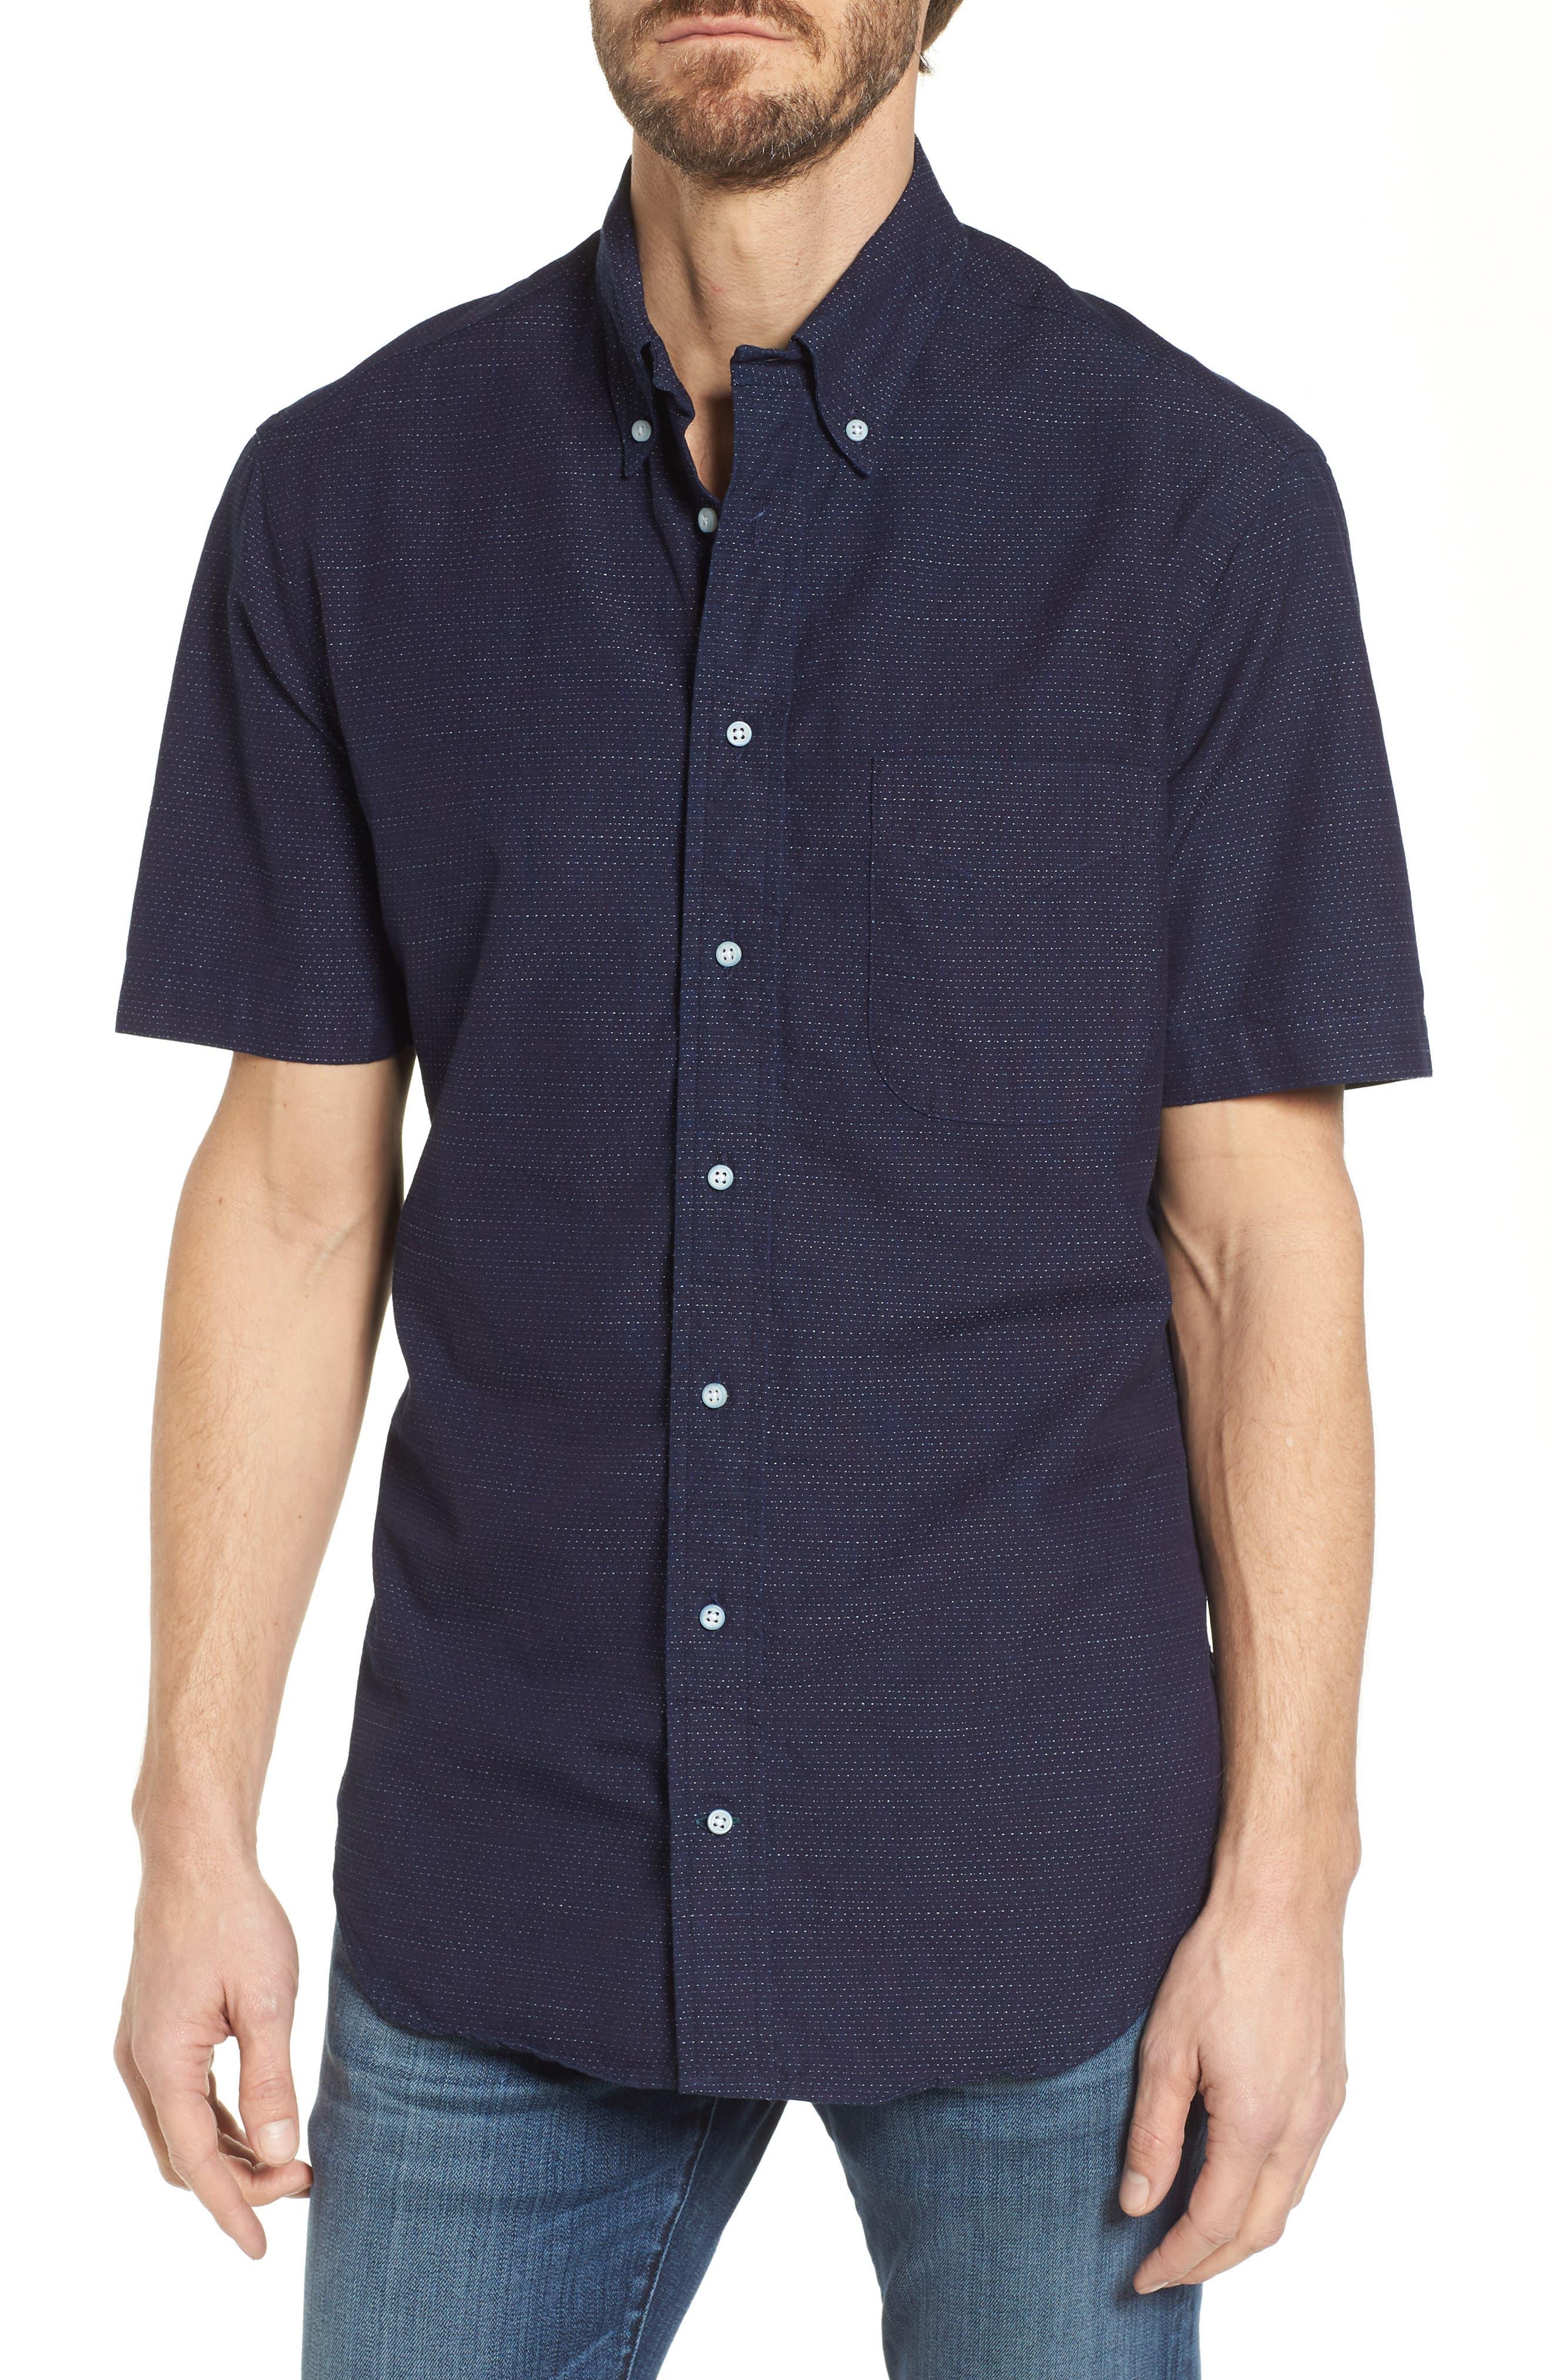 Camp Shirt,                             Main thumbnail 1, color,                             Navy